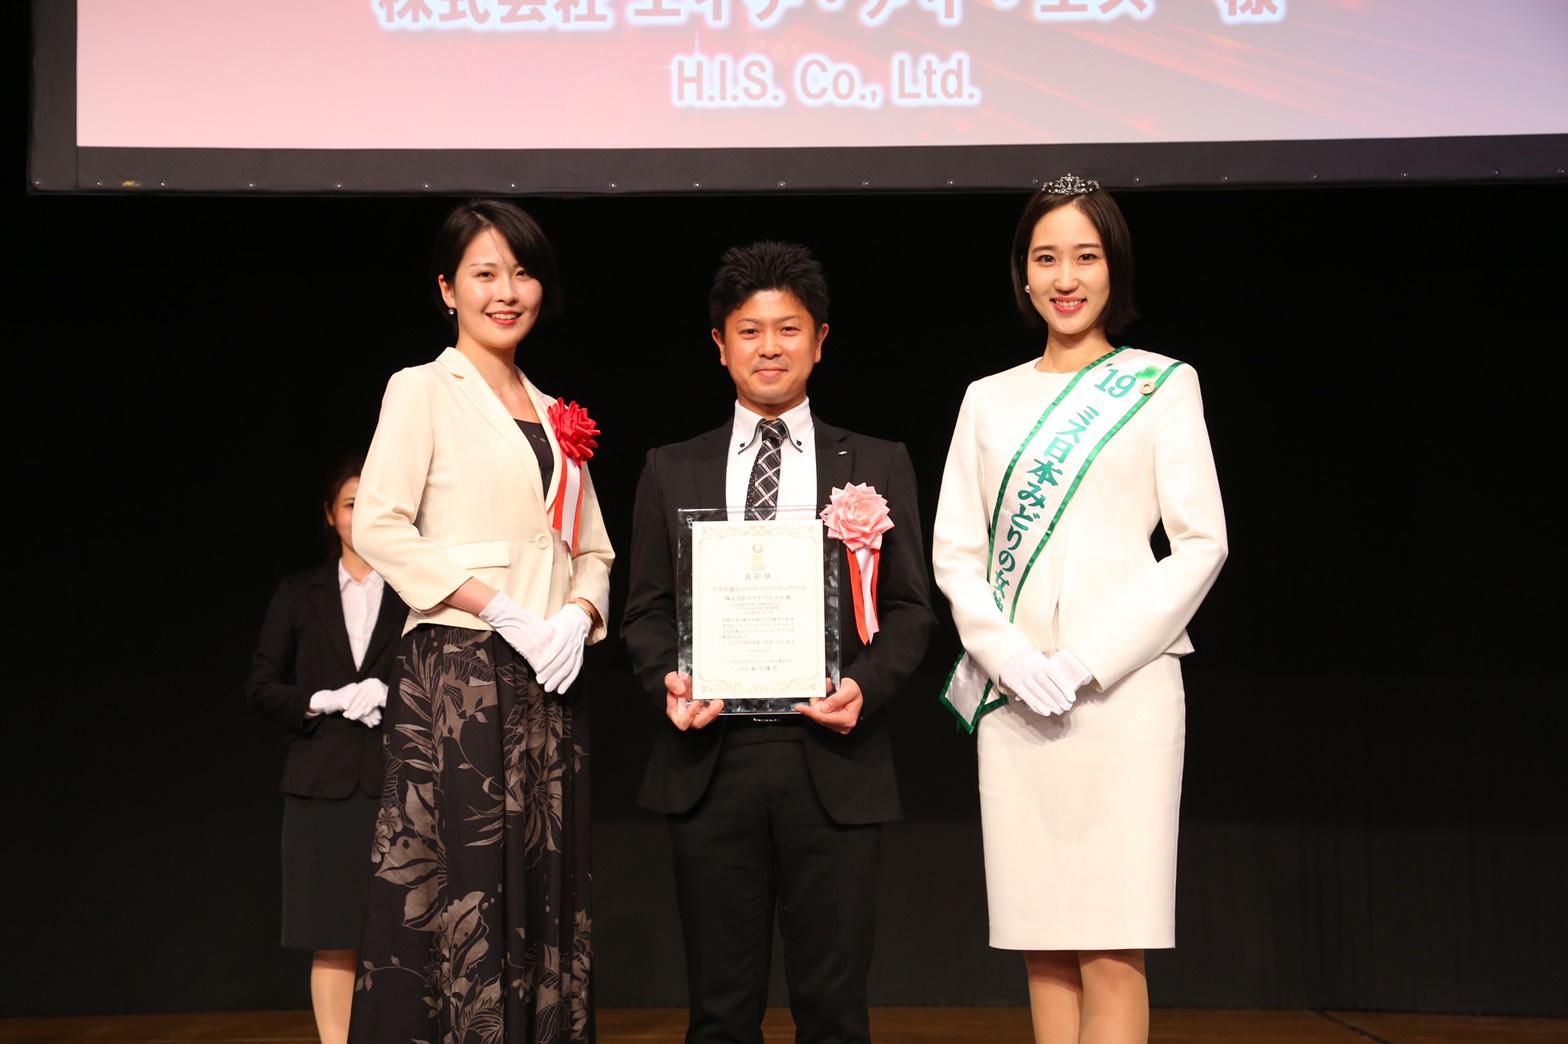 ツーリズムEXPOジャパン広報アンバサダー ミス日本みどりの女神藤本麗華さんともご一緒